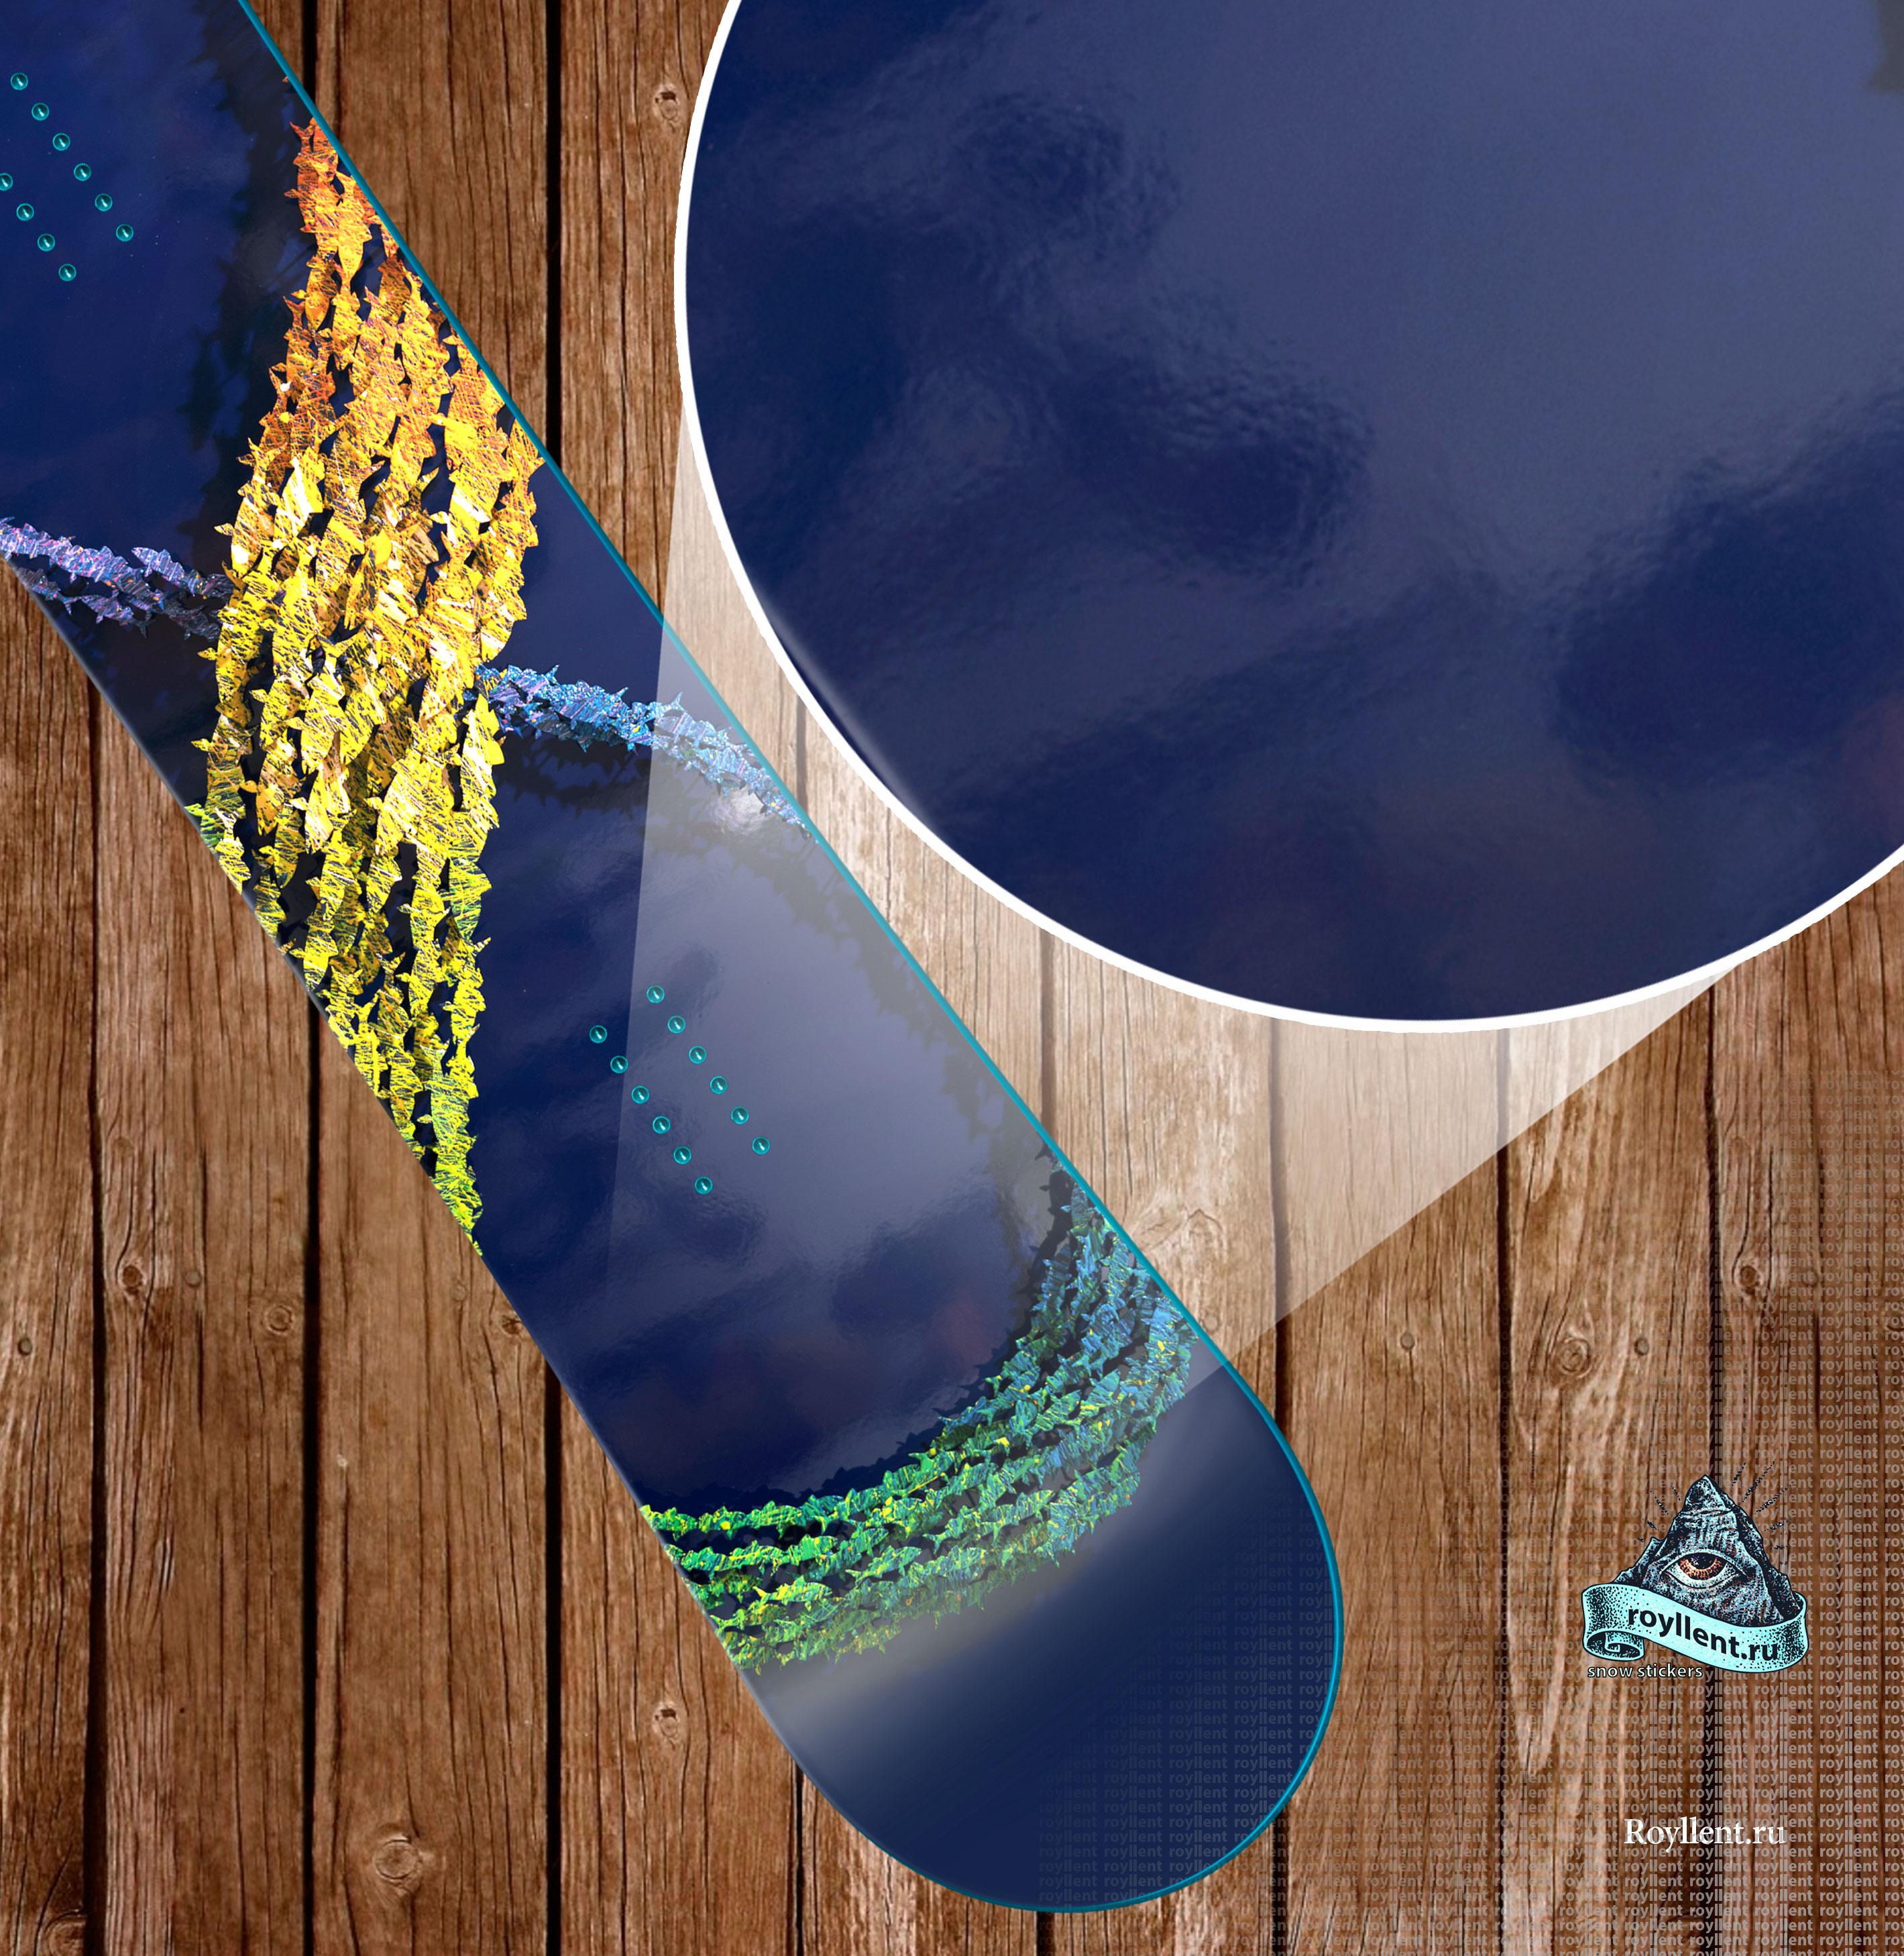 Сноуборд наклейка с рыбками купить недорого с доставкой в интернет магазине